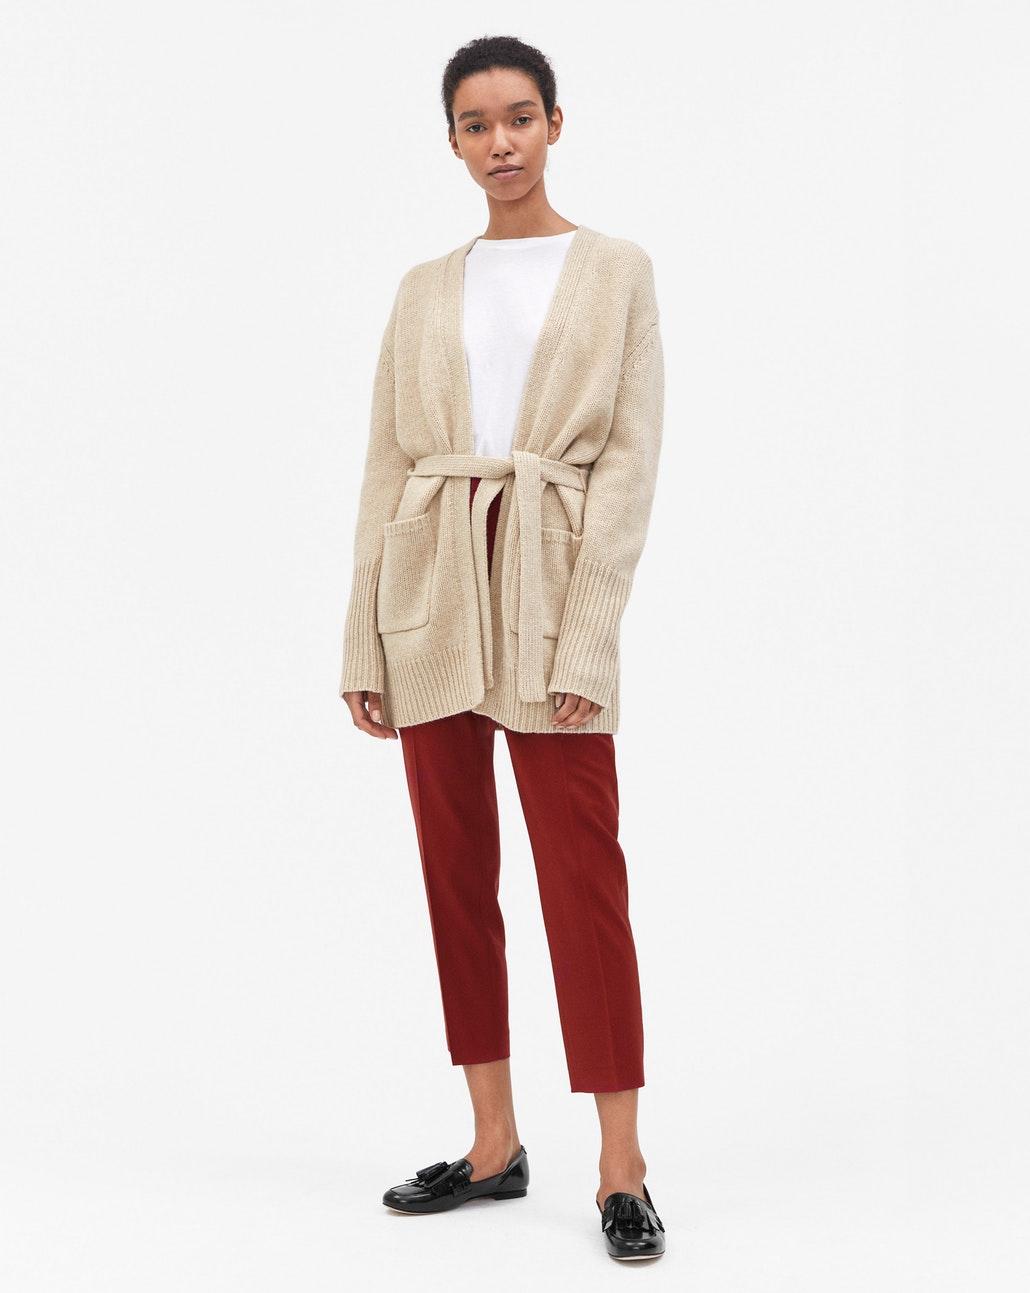 Plan your Autumn wardrobe - New Brands